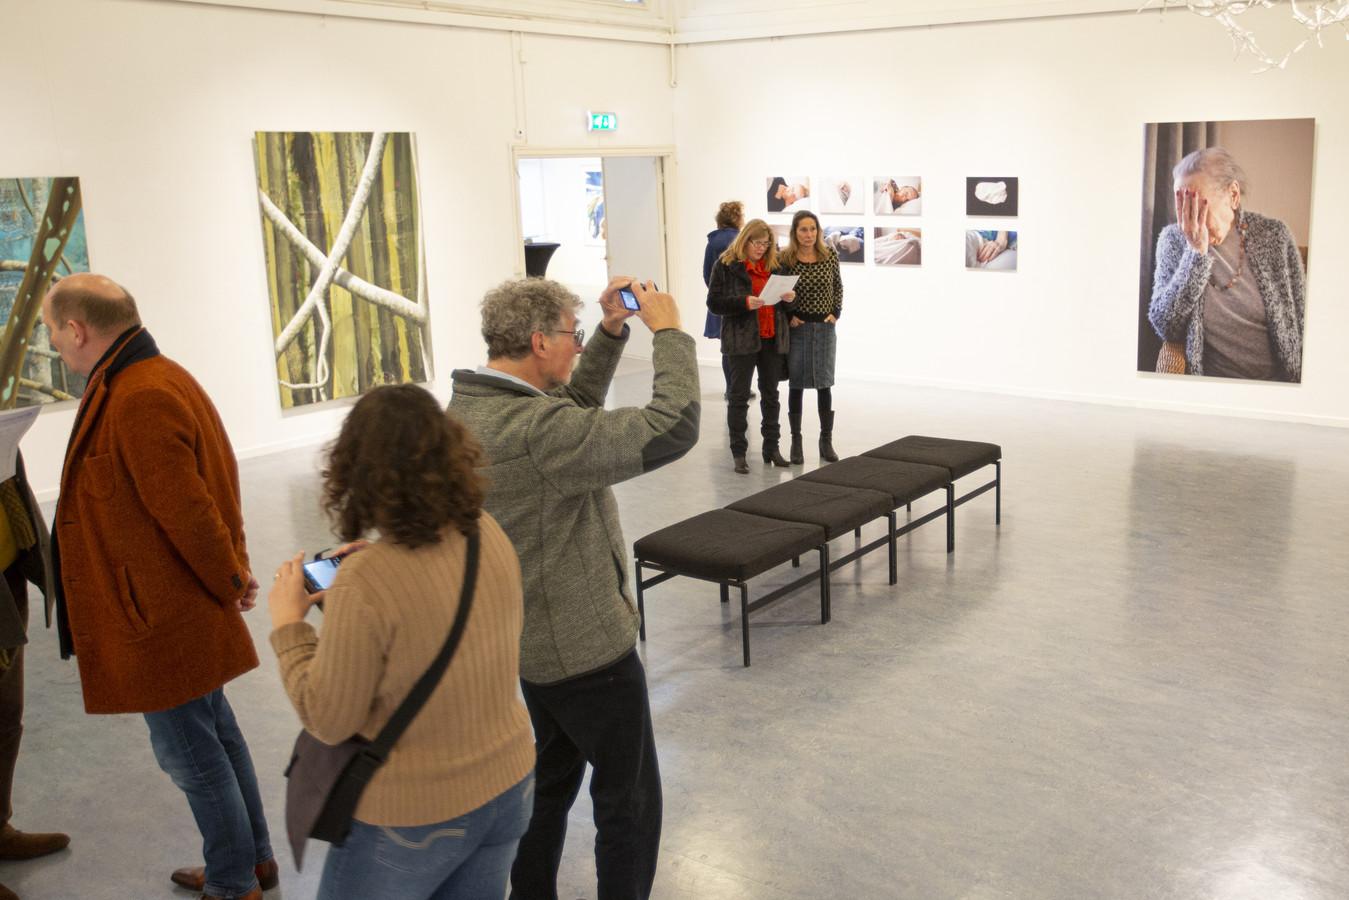 Bezoekers van de expositie.